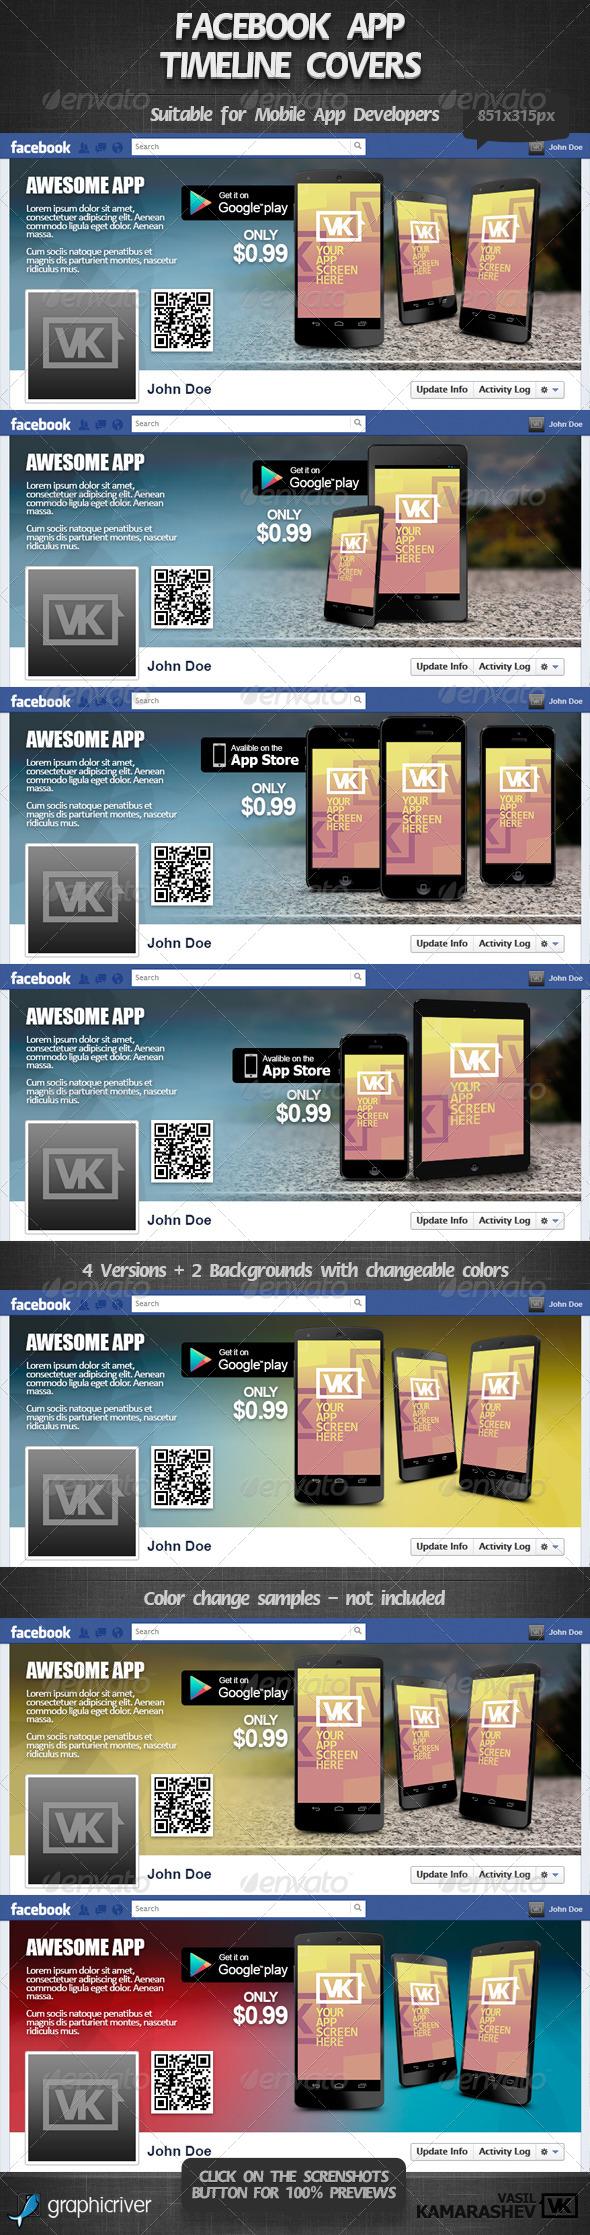 Facebook App Timeline Cover 1 - Facebook Timeline Covers Social Media